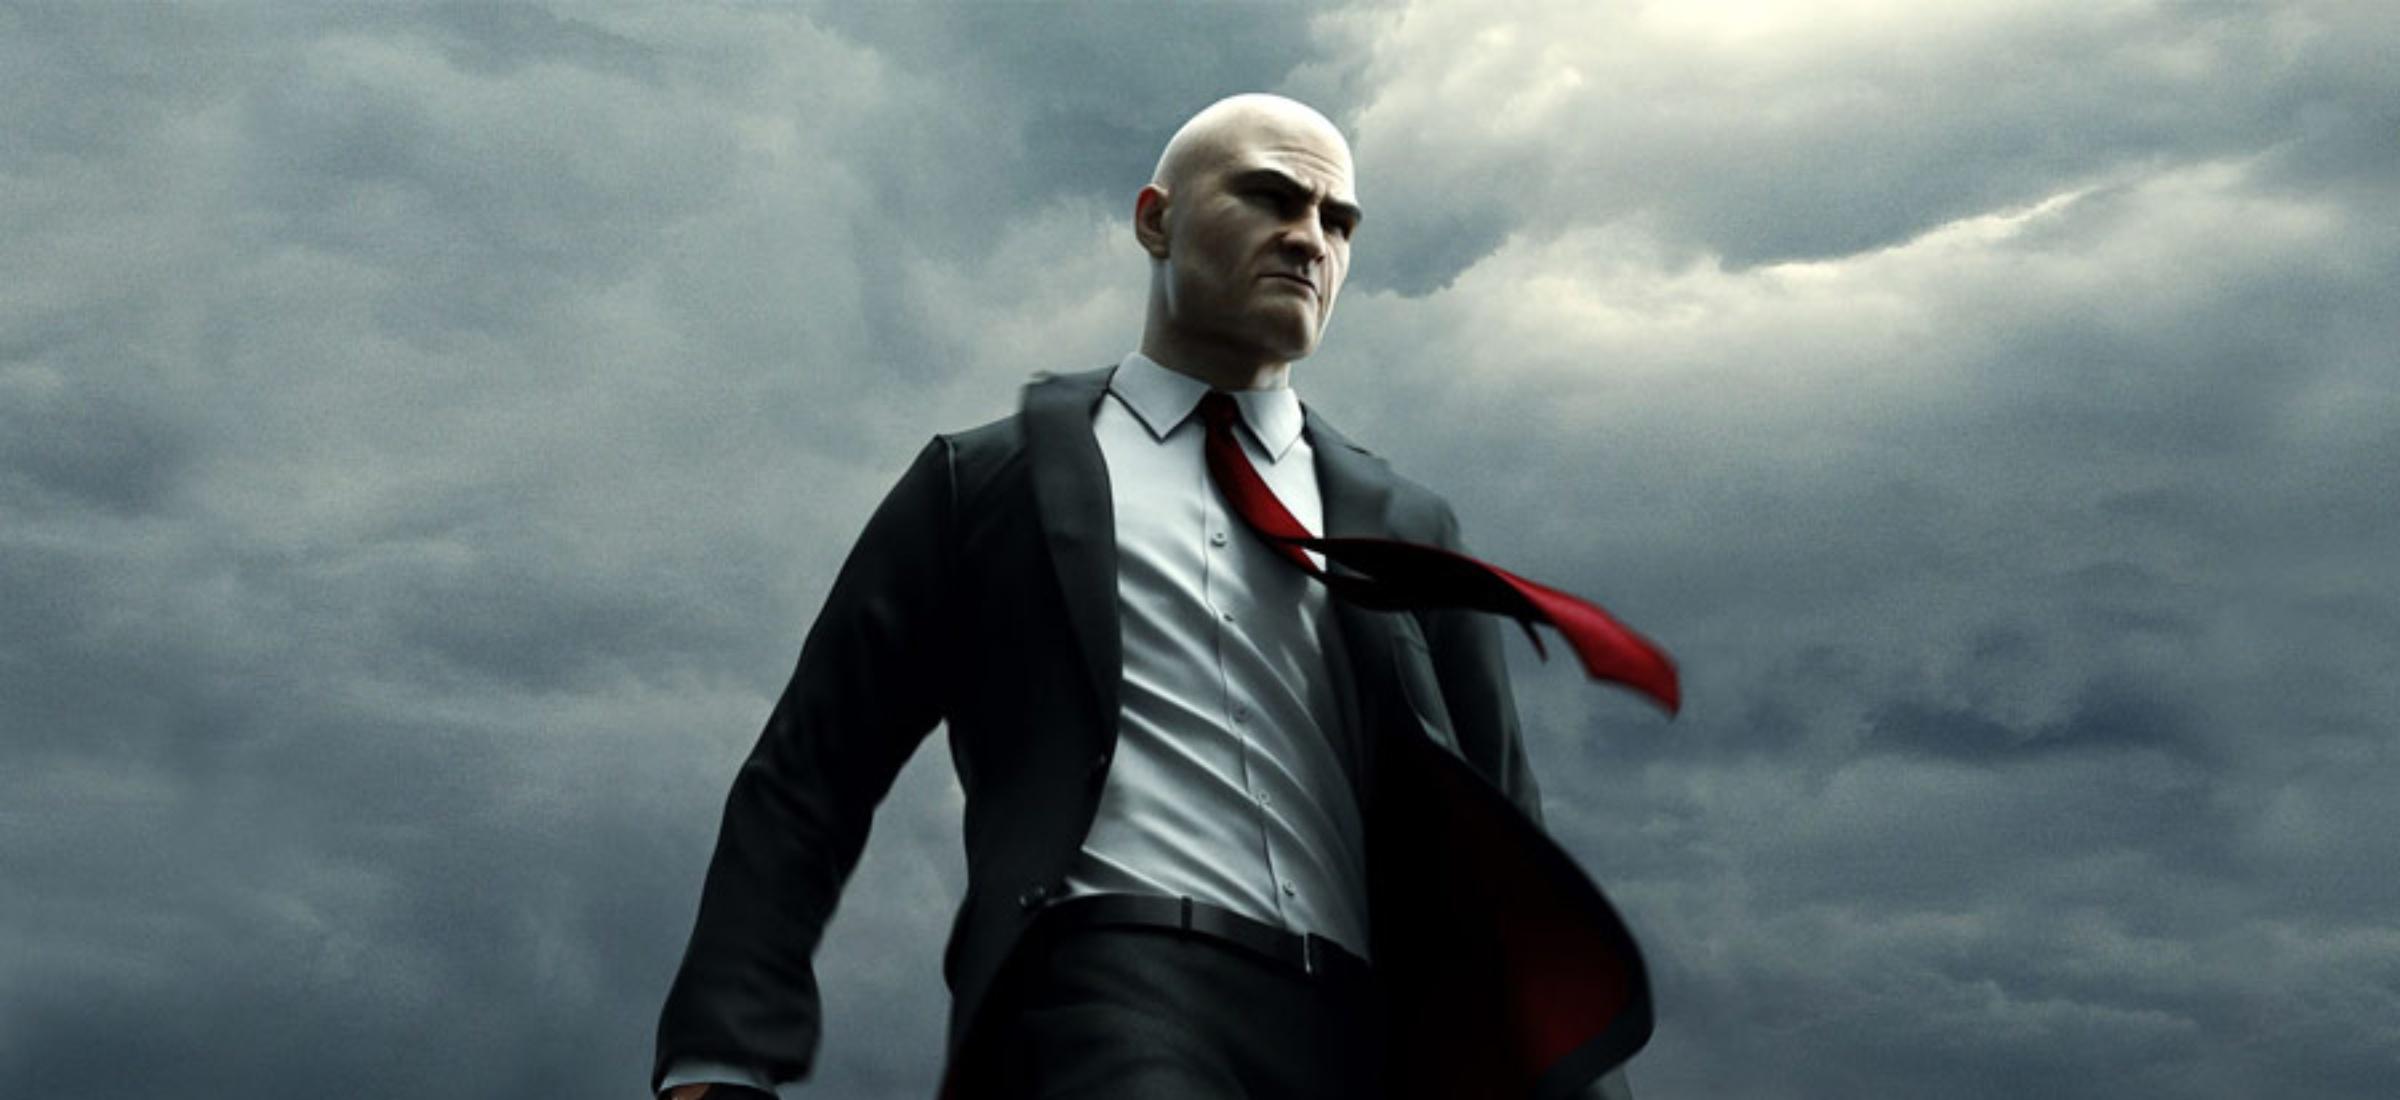 Hitman nie będzie… łysy. Scenarzysta serialu o Agencie 47 wyjaśnia swój pomysł